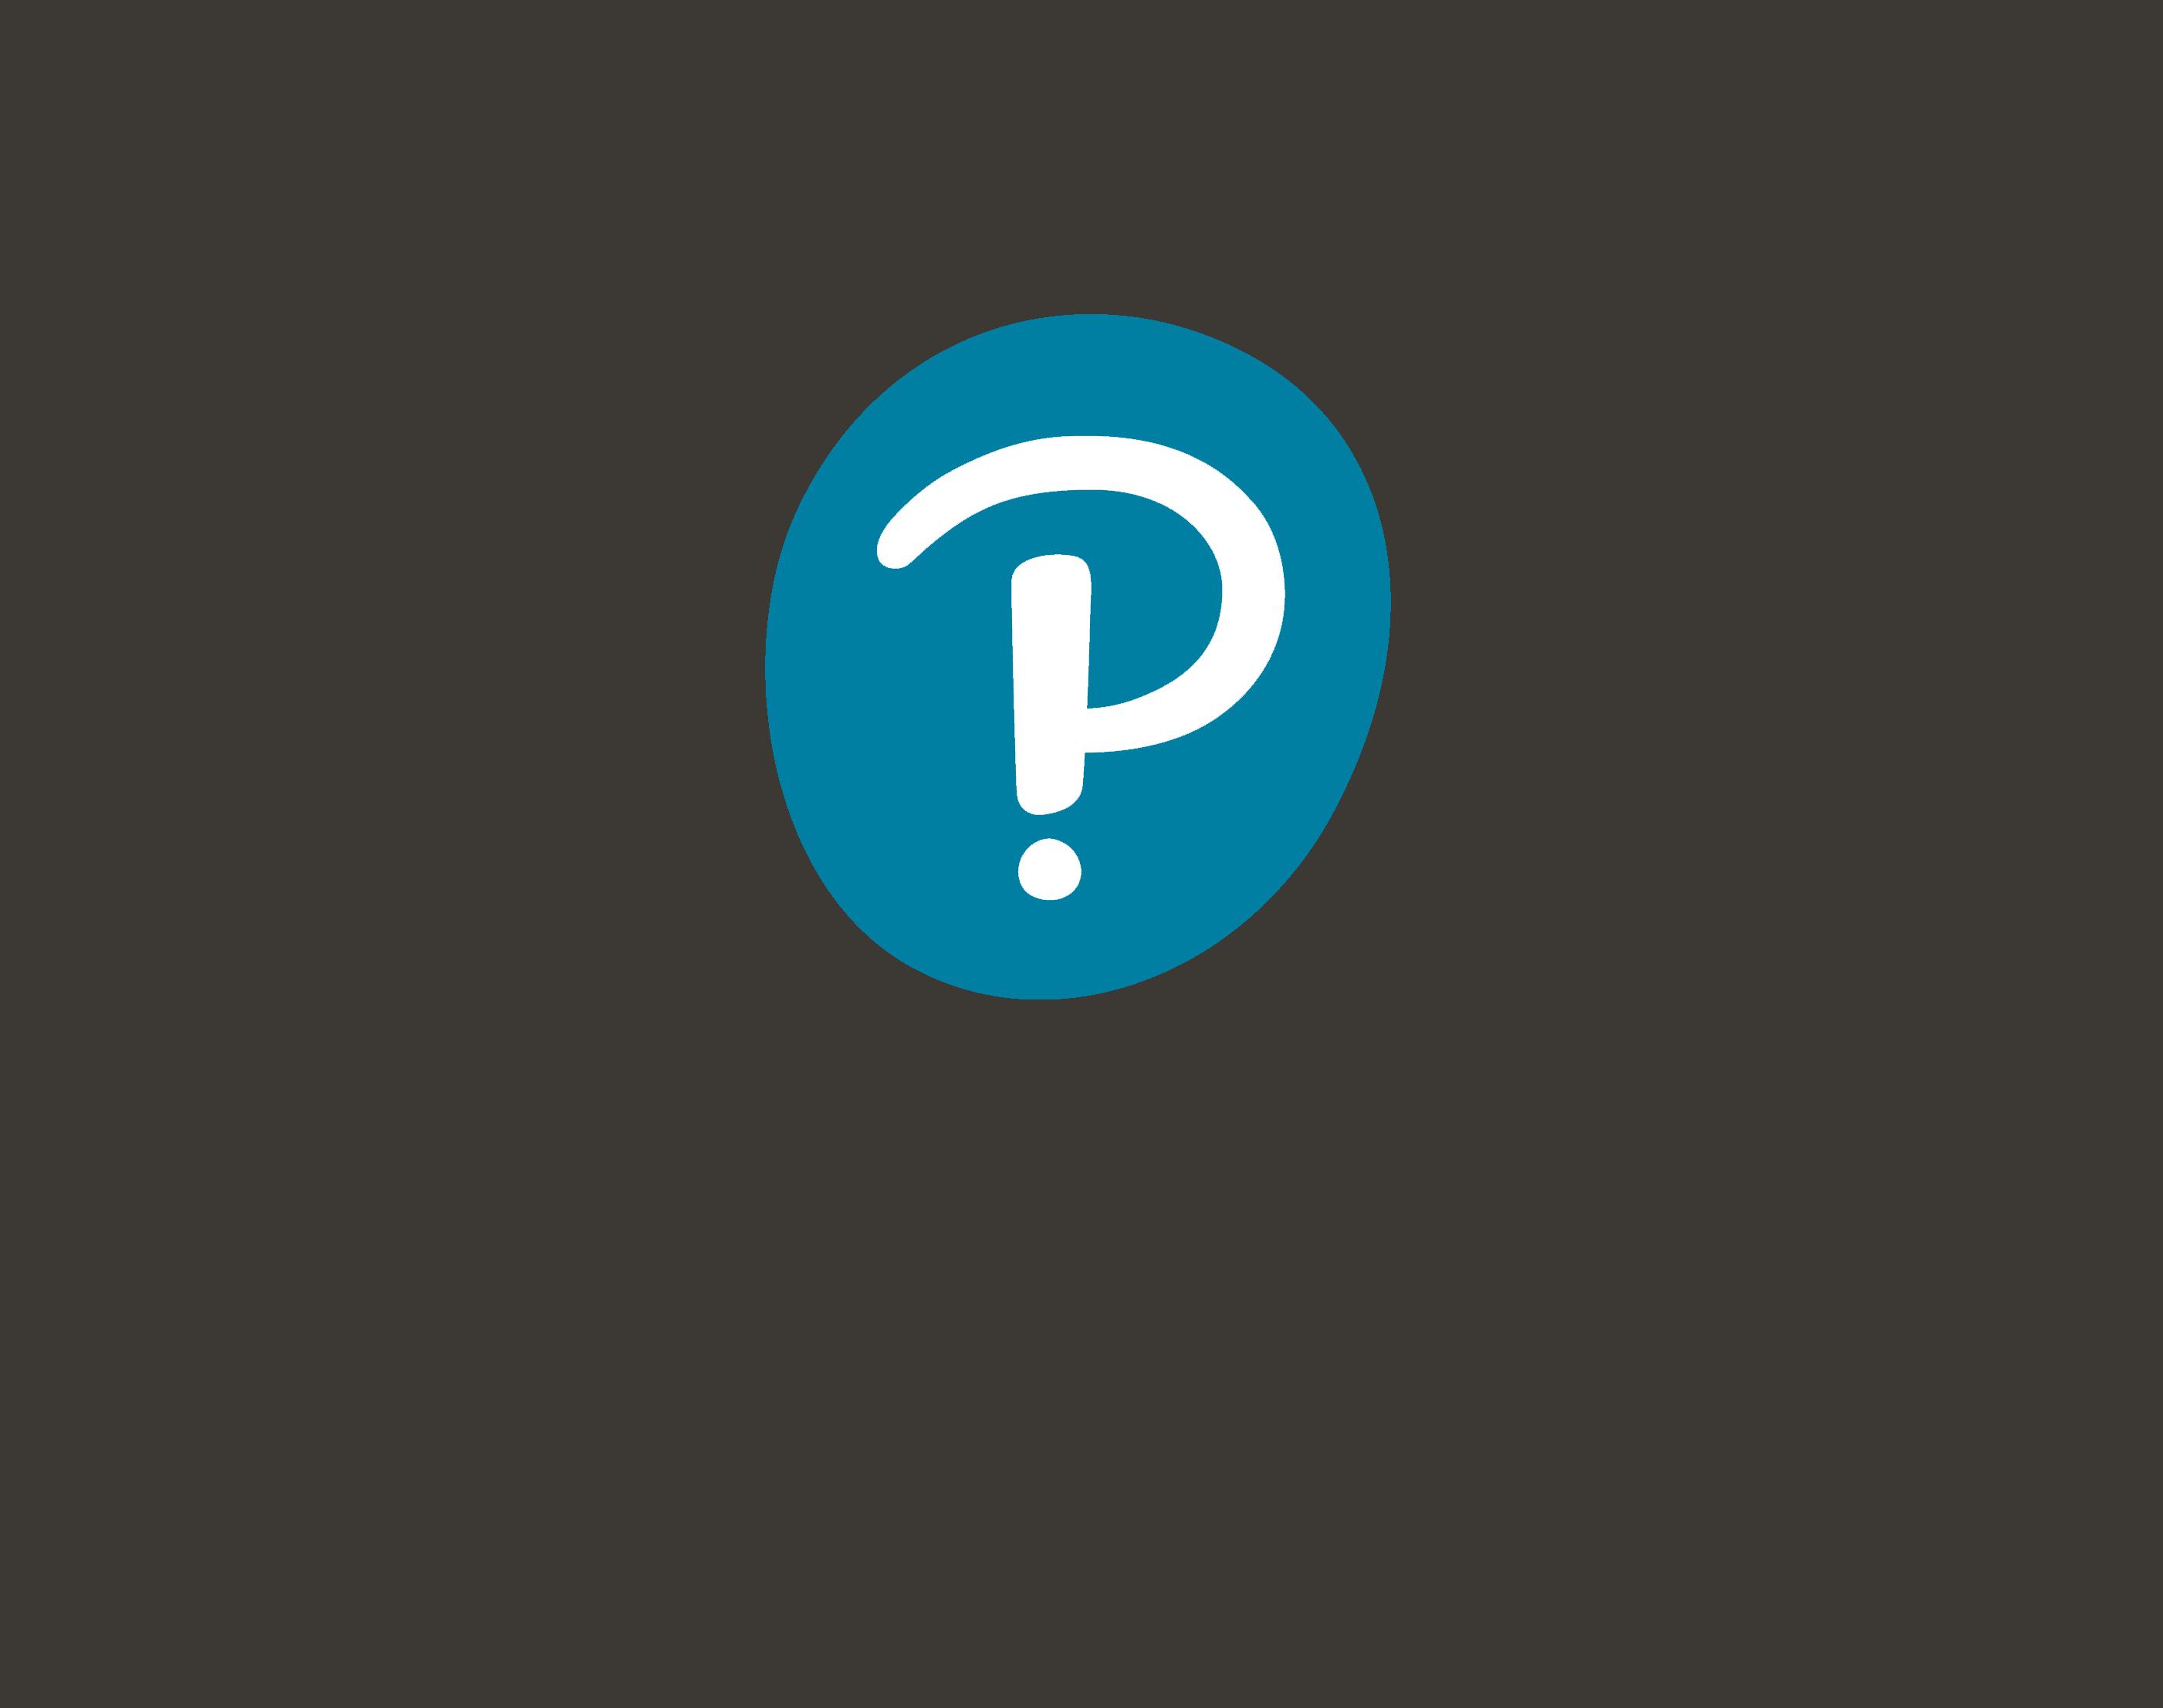 Pearson interrobang logo